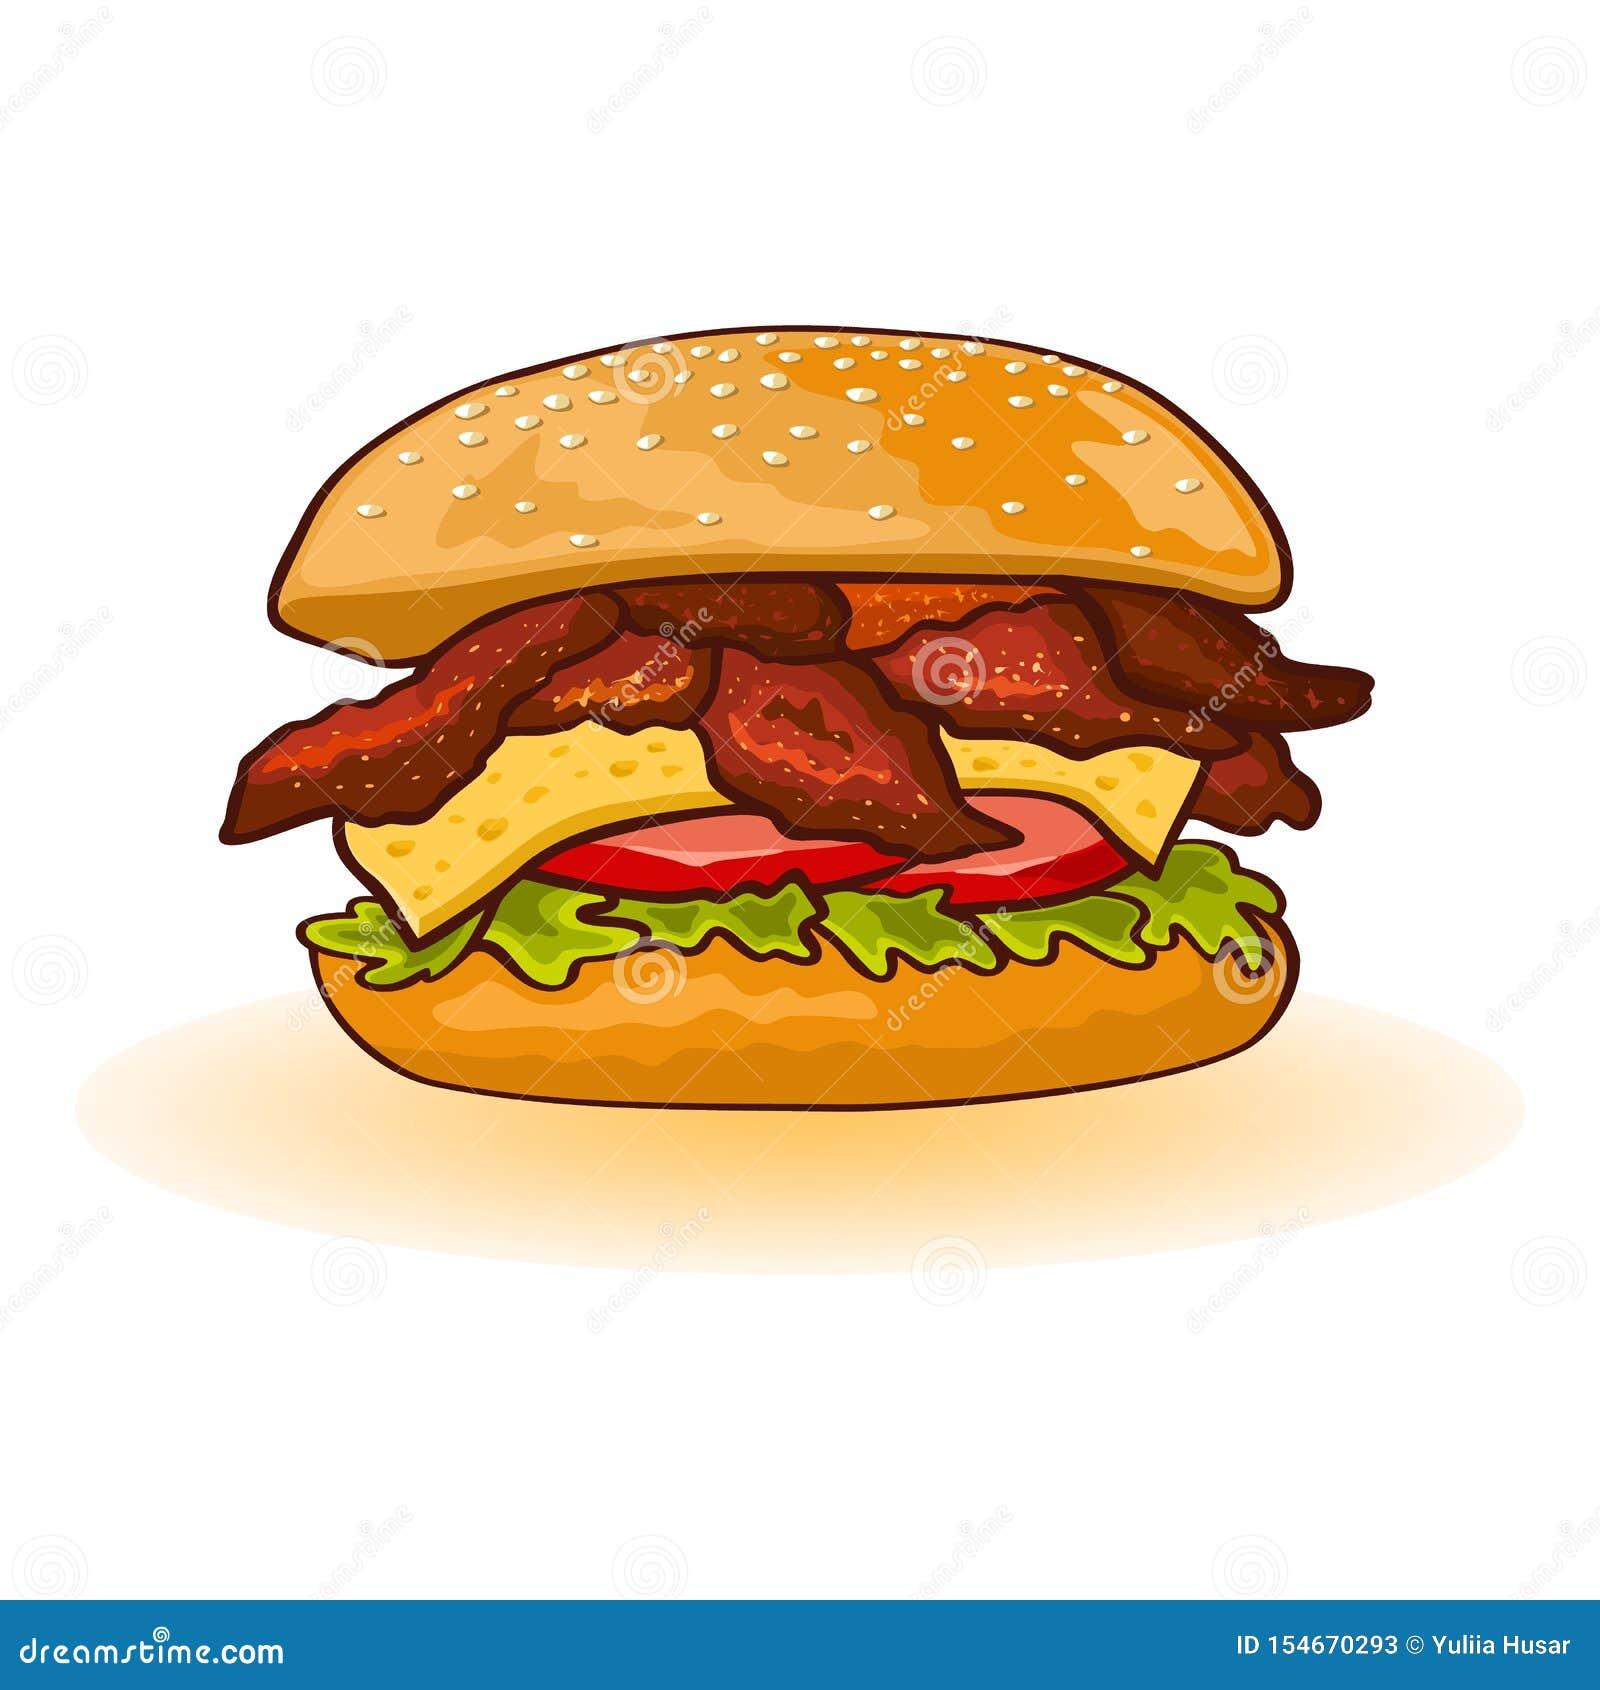 Hamburger de poulet ou de lard comprenant des tranches de viande, fromage, laitue, tomate, sauce en petit pain grillé frais